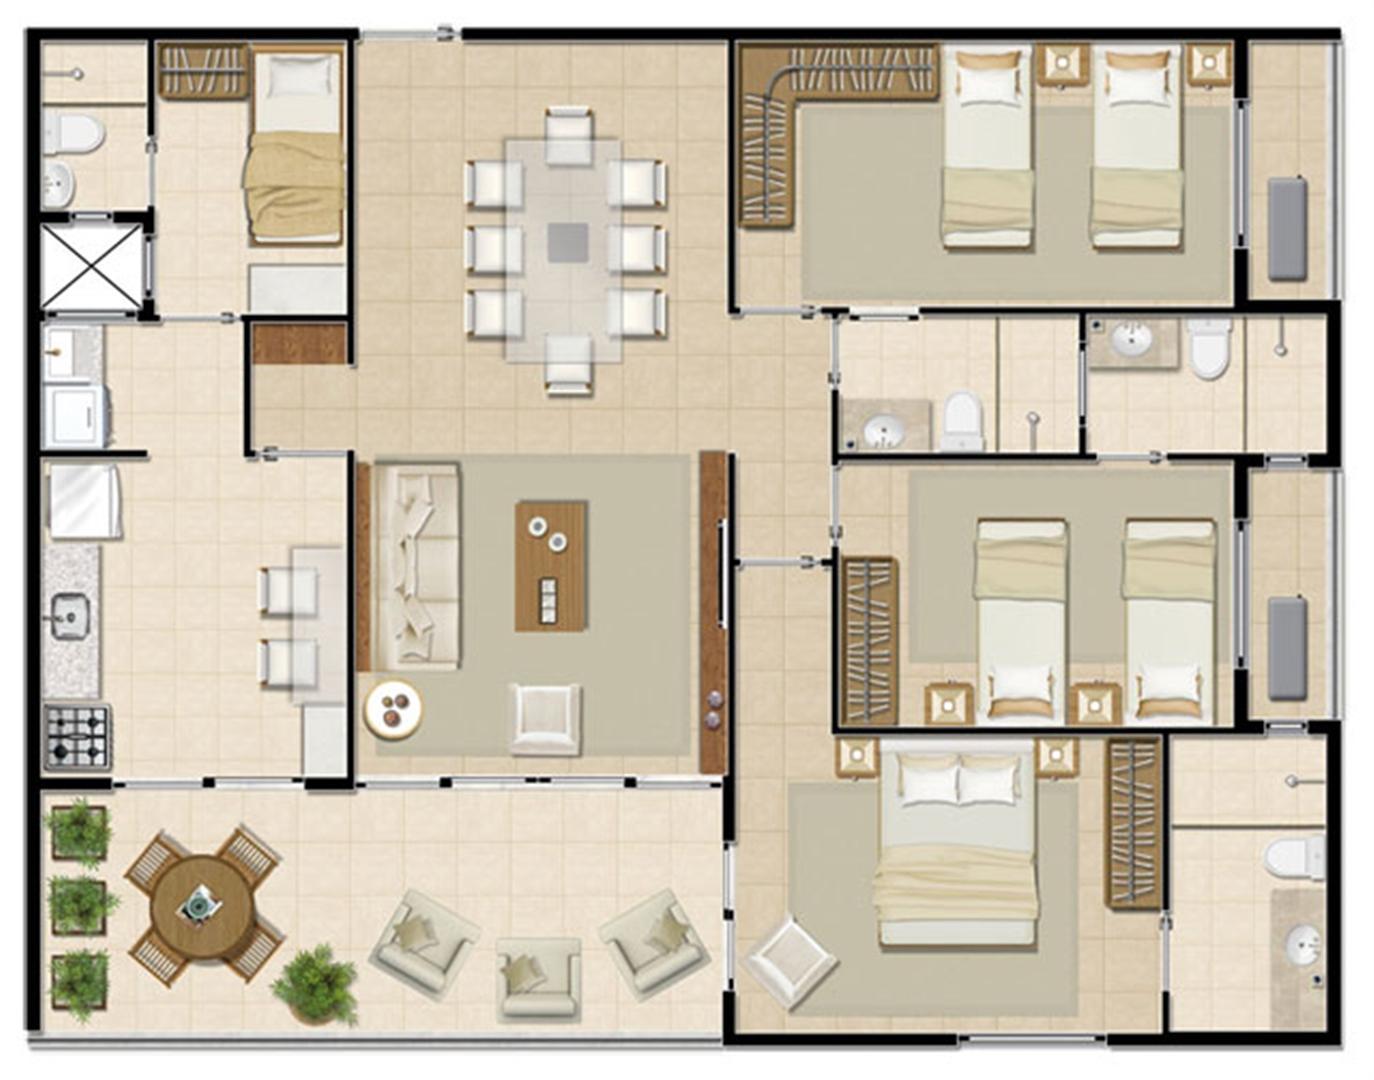 Apartamento Solar - 118 m² | Mandara Lanai – Apartamento no  Porto das Dunas - Aquiraz - Ceará